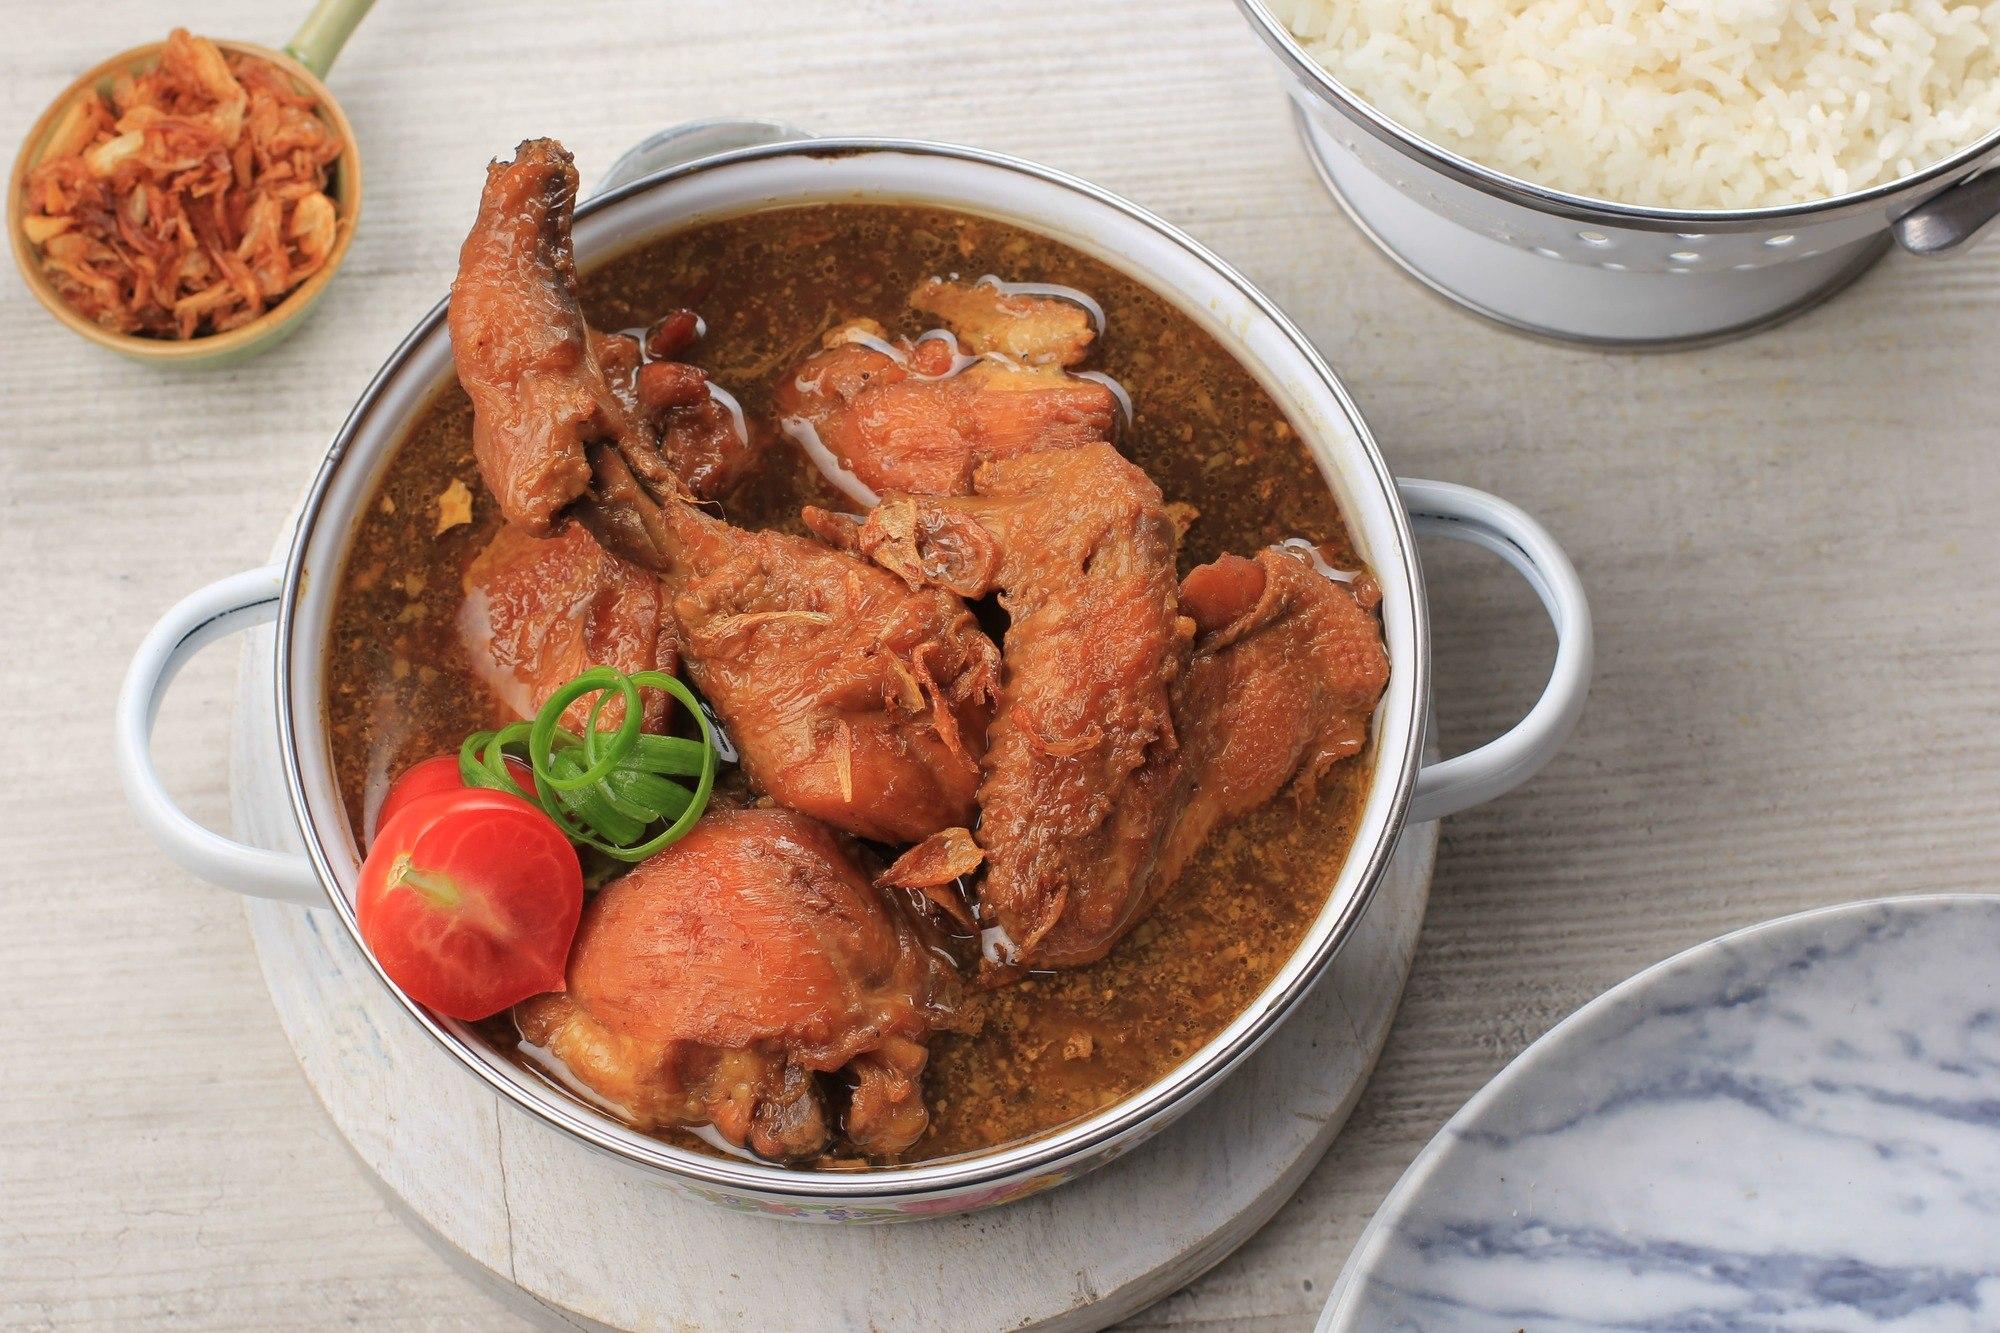 Hasil masak resep semur ayam kecap disajikan dalam mangkuk.